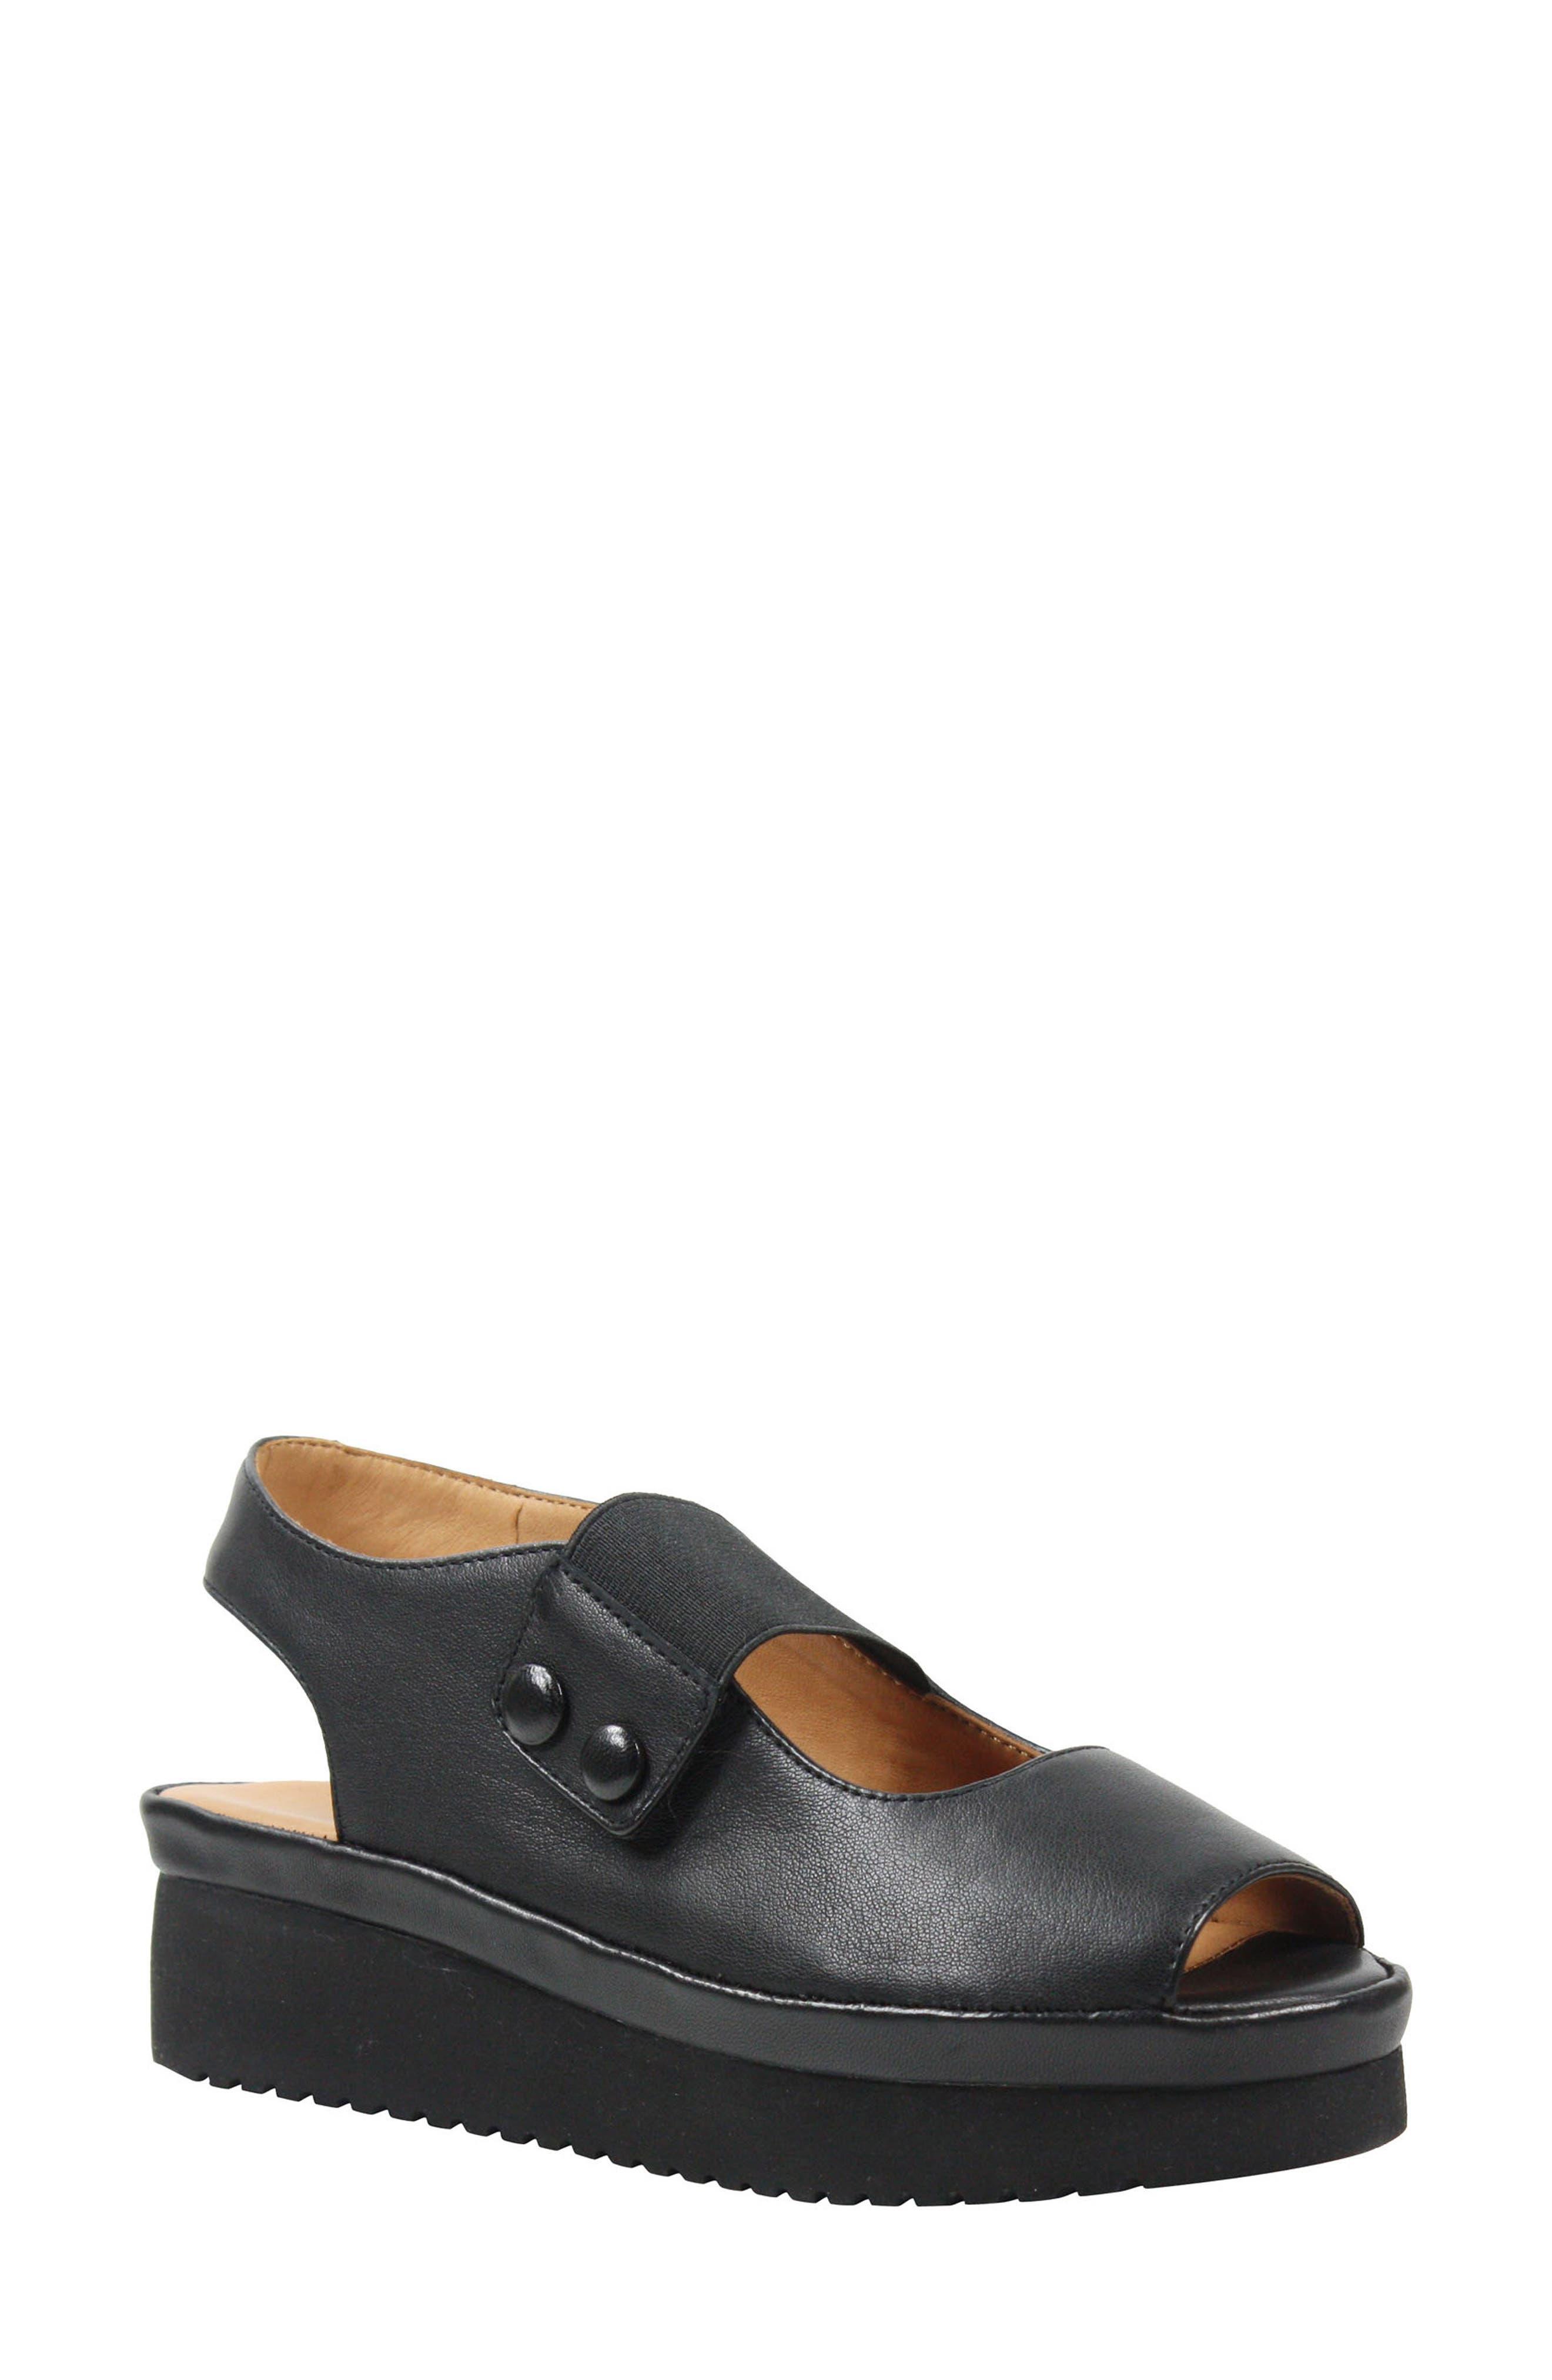 L'AMOUR DES PIEDS Adalicia Platform Sandal, Main, color, BLACK LEATHER